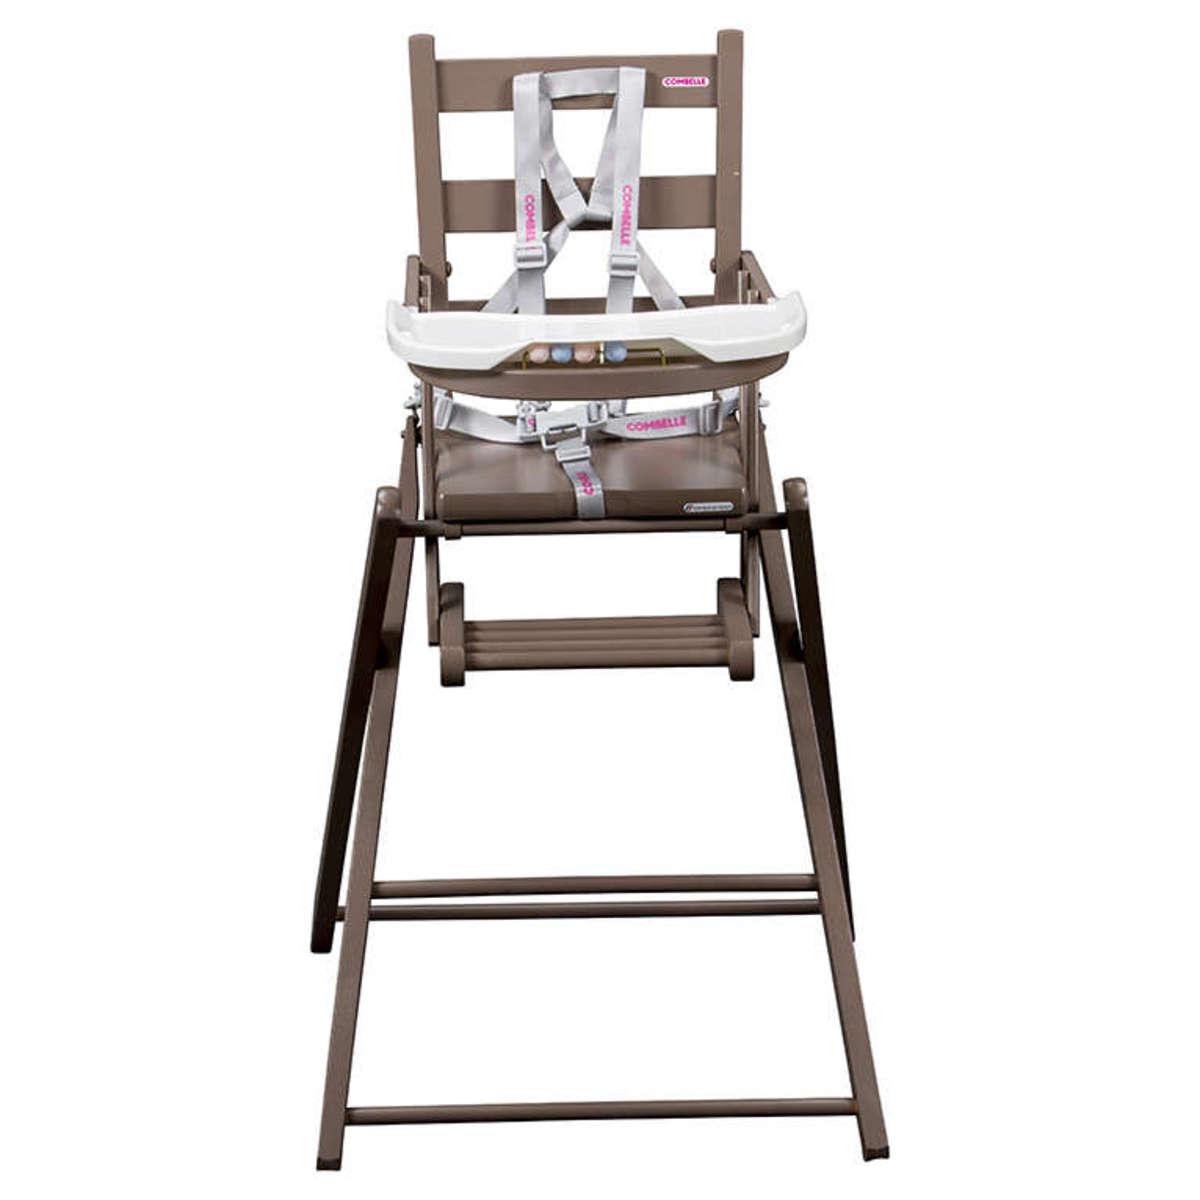 Combelle chaise haute extra pliante sarah laqu taupe for Chaise haute combelle extra pliante